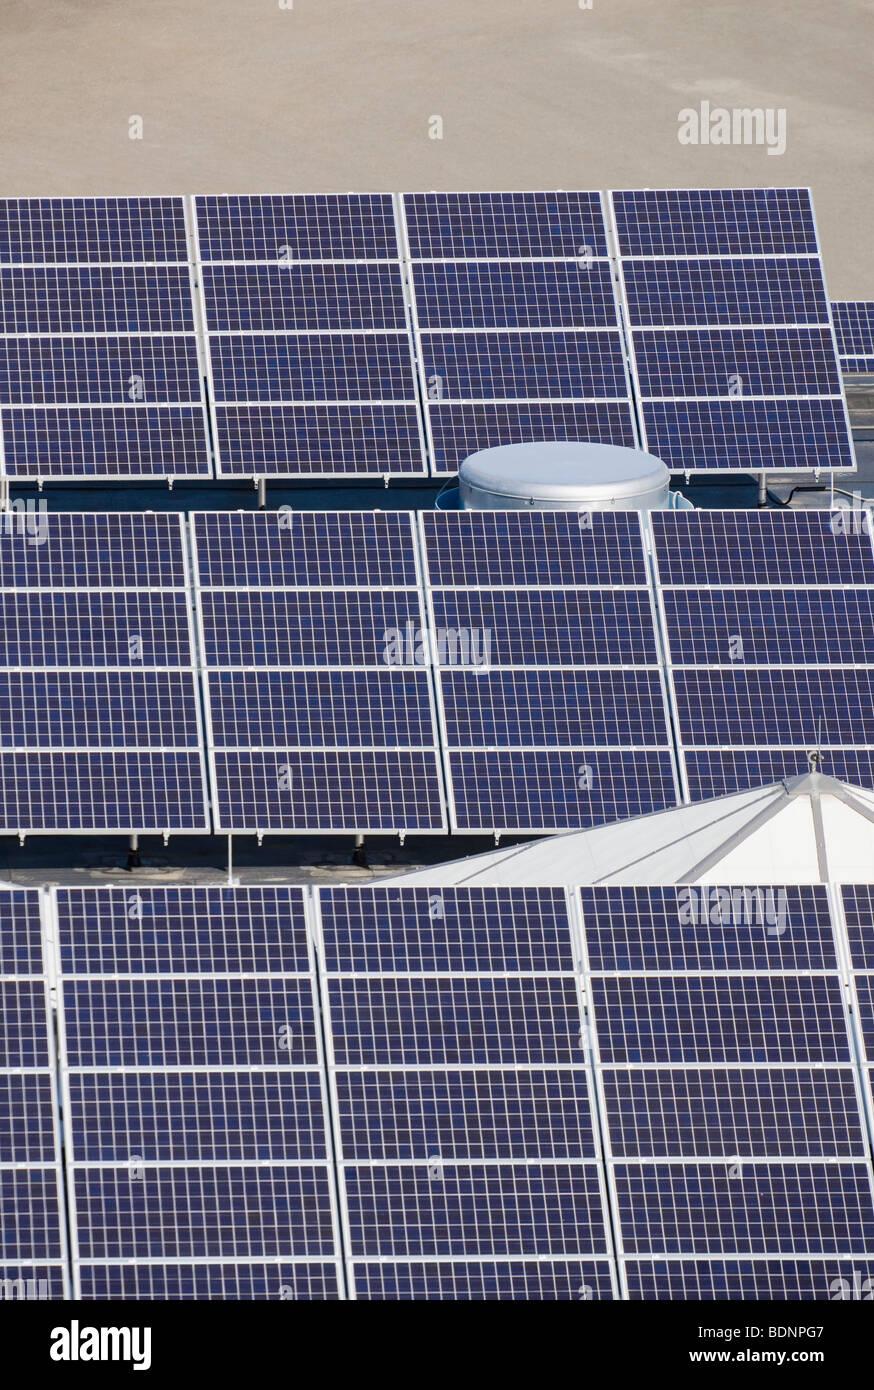 Un alto ángulo de visualización de paneles solares en una industria Imagen De Stock